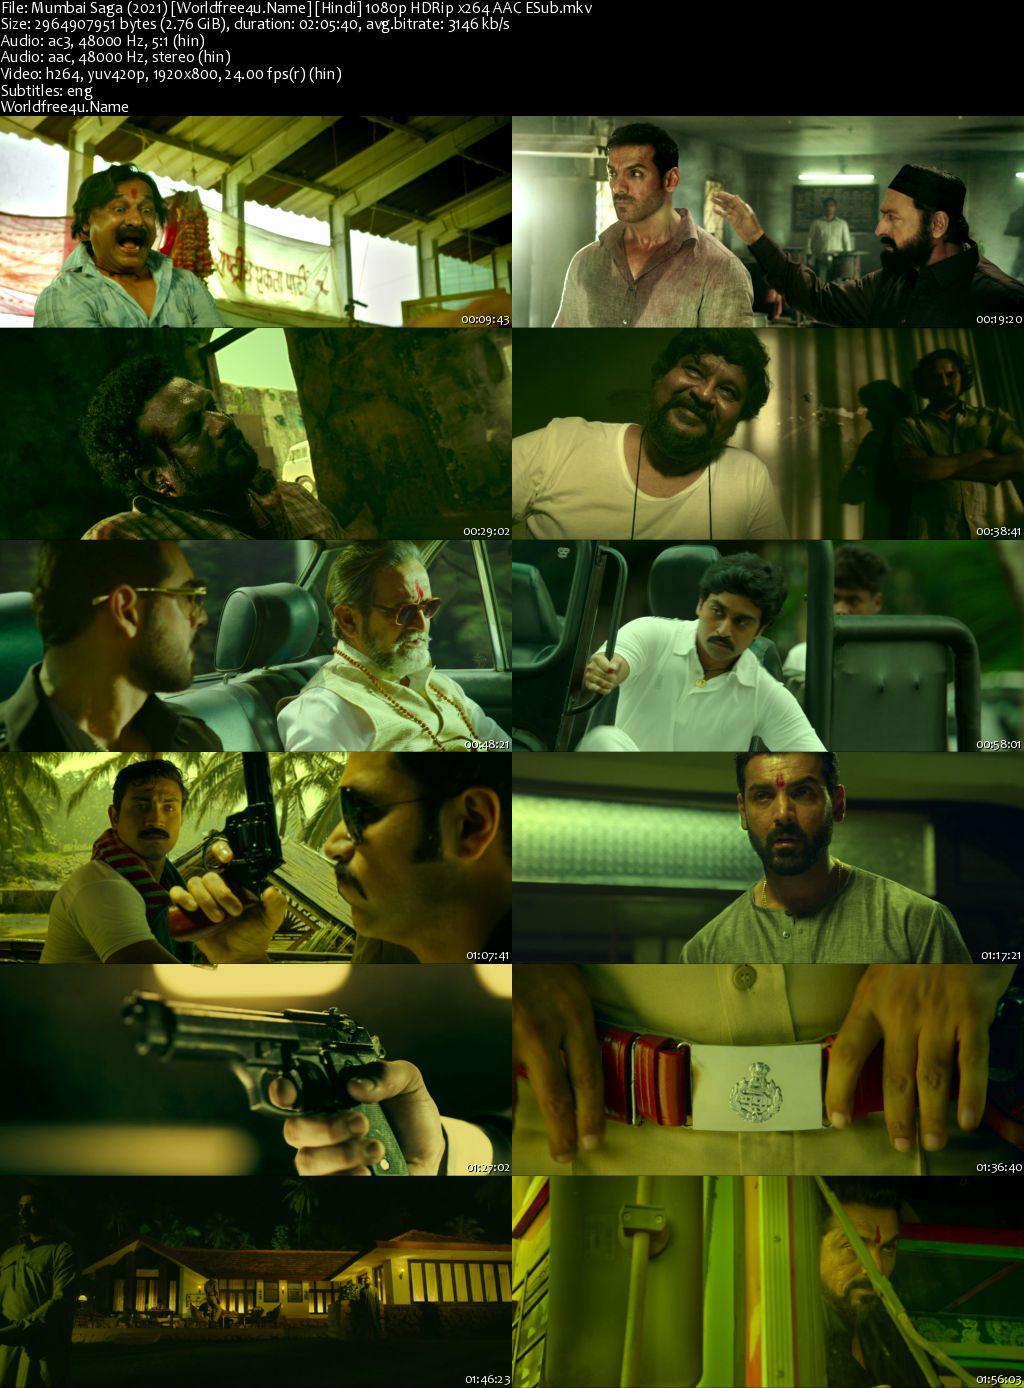 Mumbai Saga 2021 Hindi HDRip 1080p